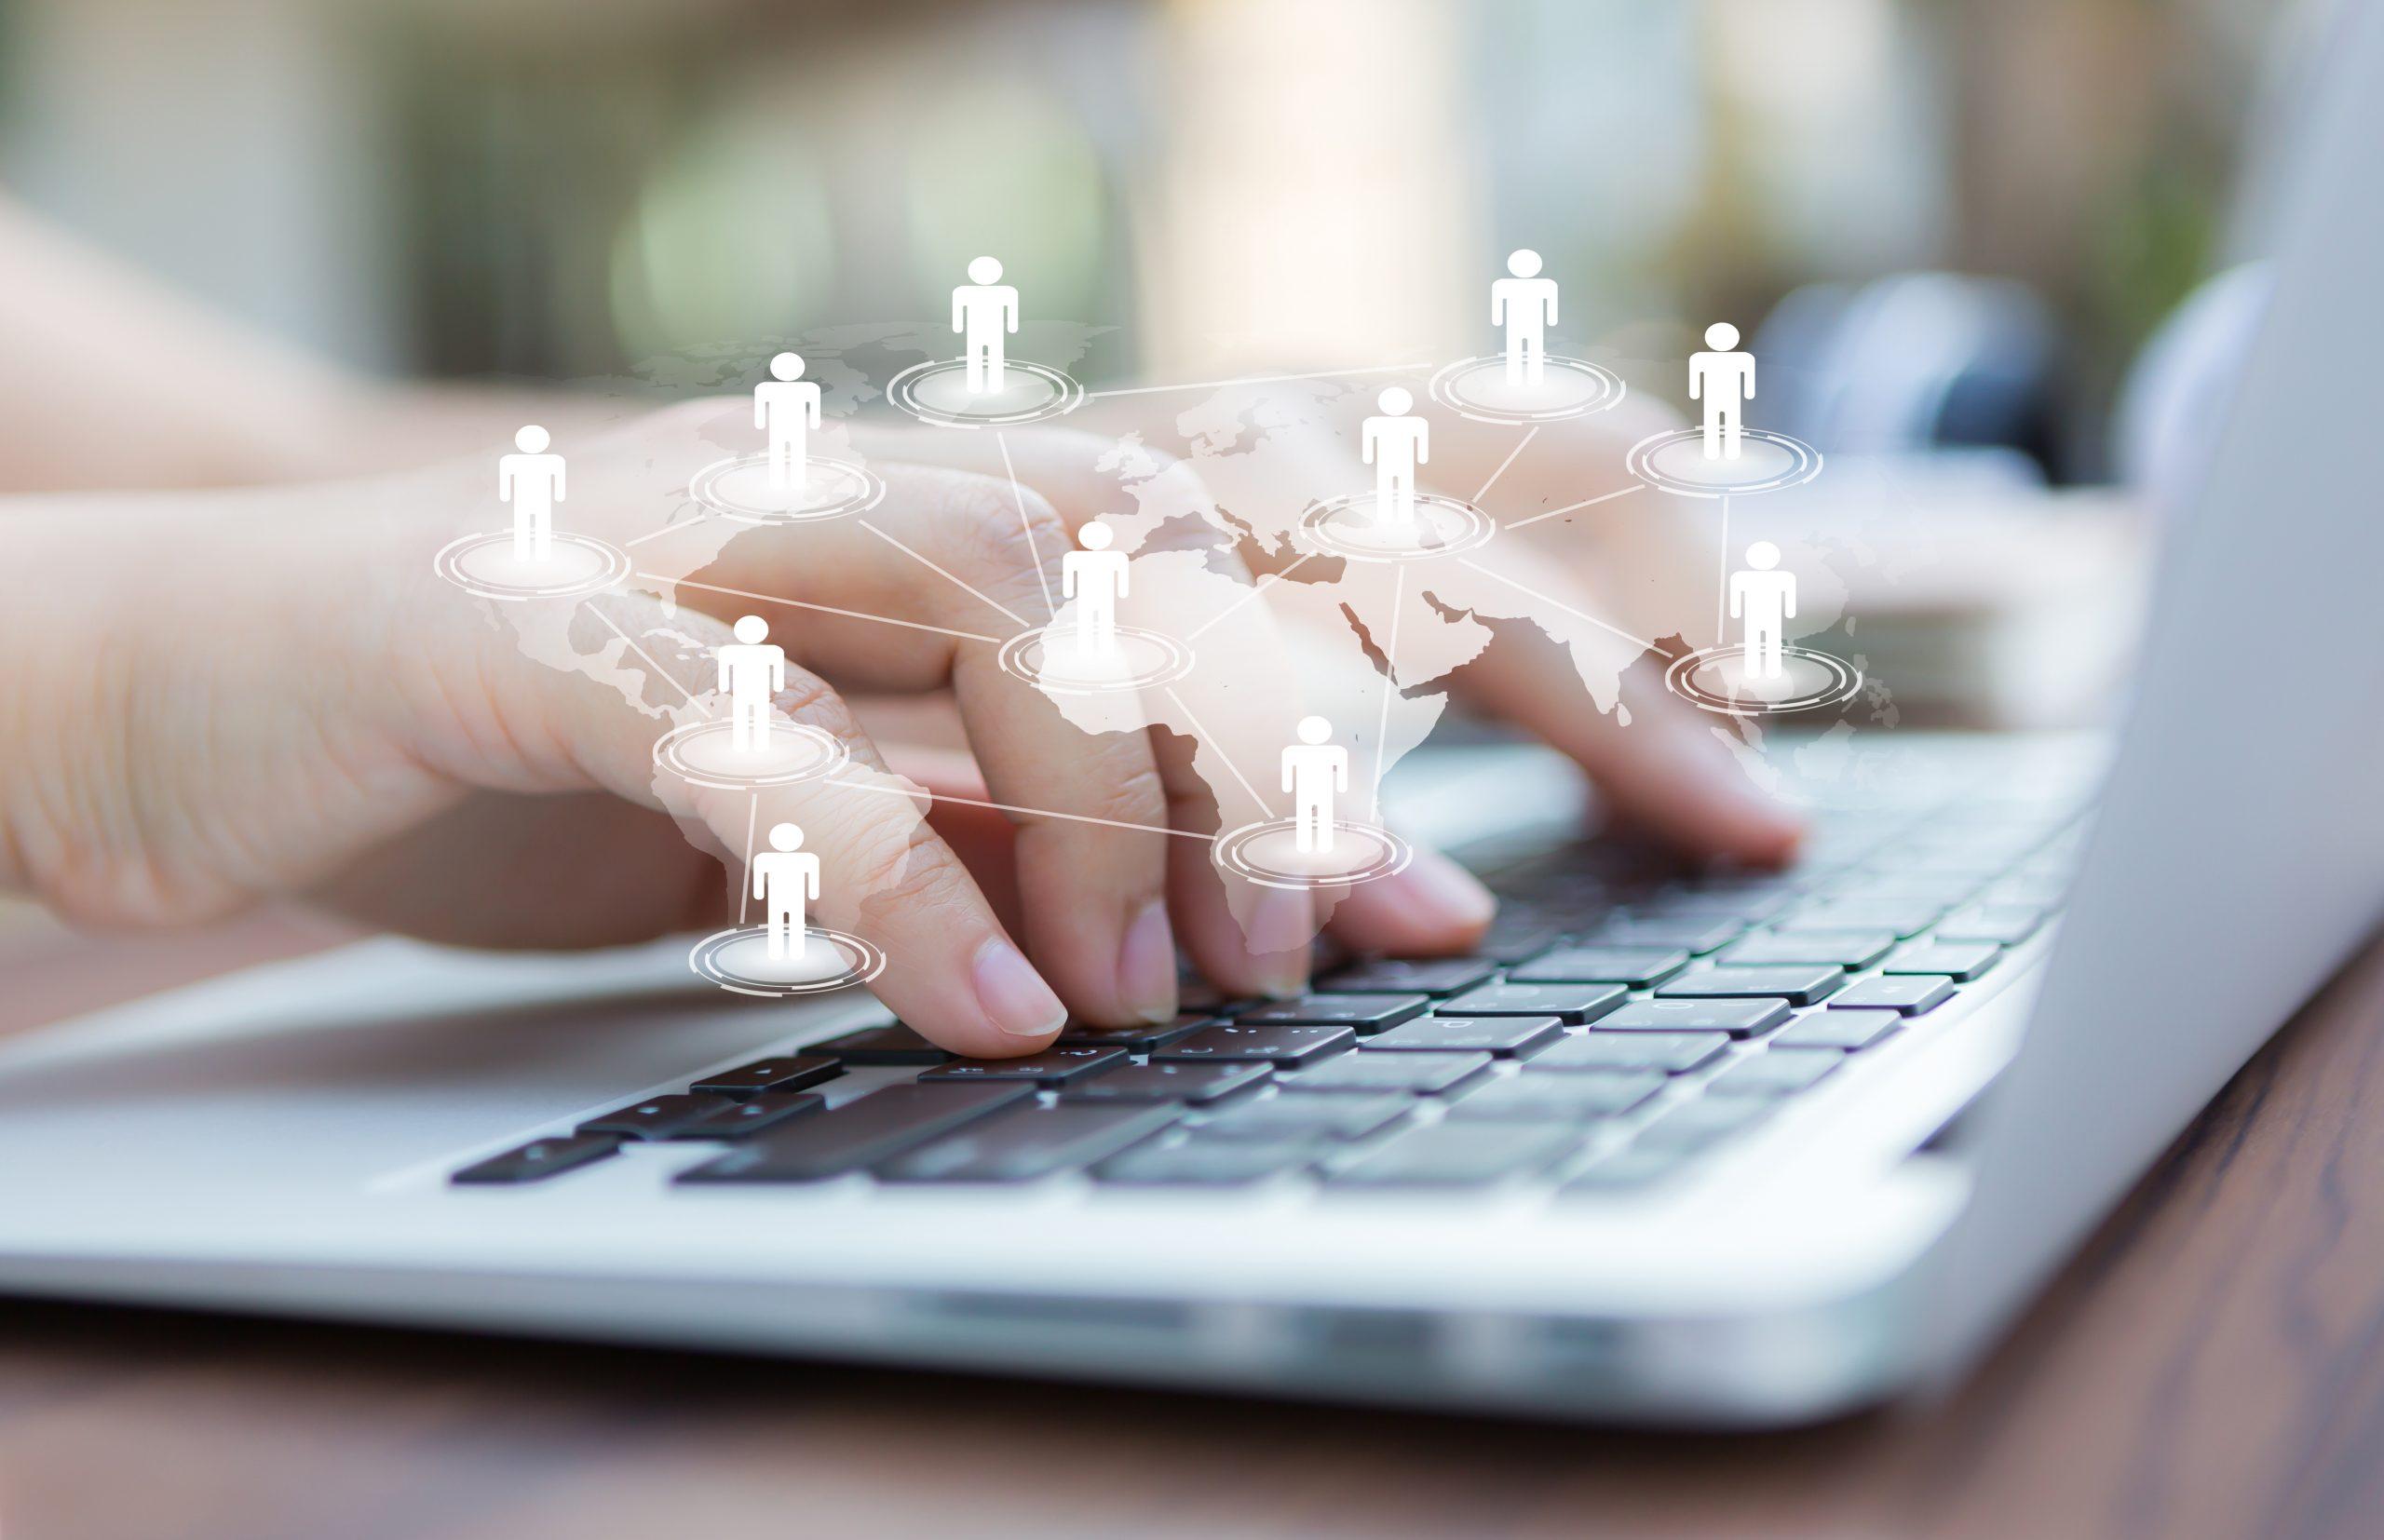 Función de las wikis: Nuevas tecnologías en la web